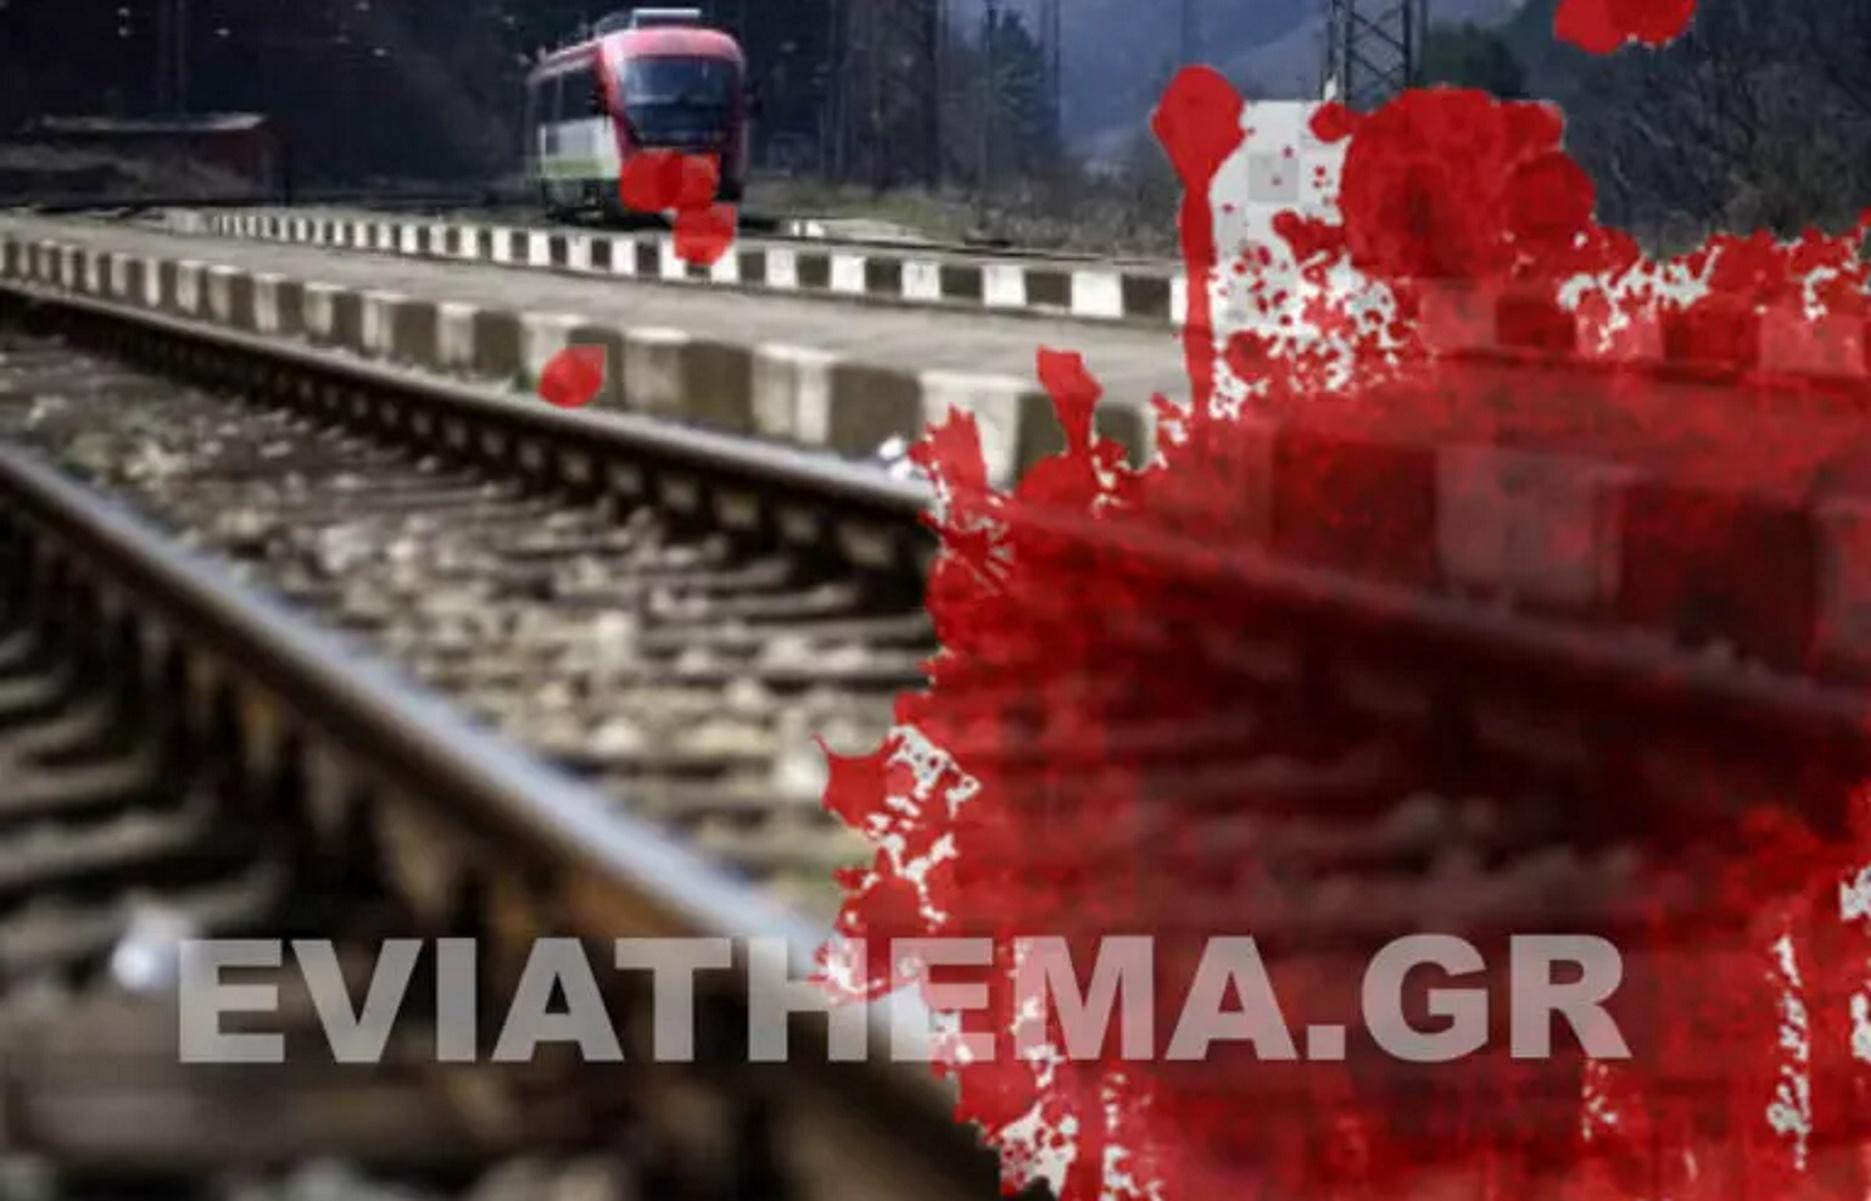 Χαλκίδα: Βρέθηκε αιμόφυρτος δίπλα στις ράγες του ΟΣΕ